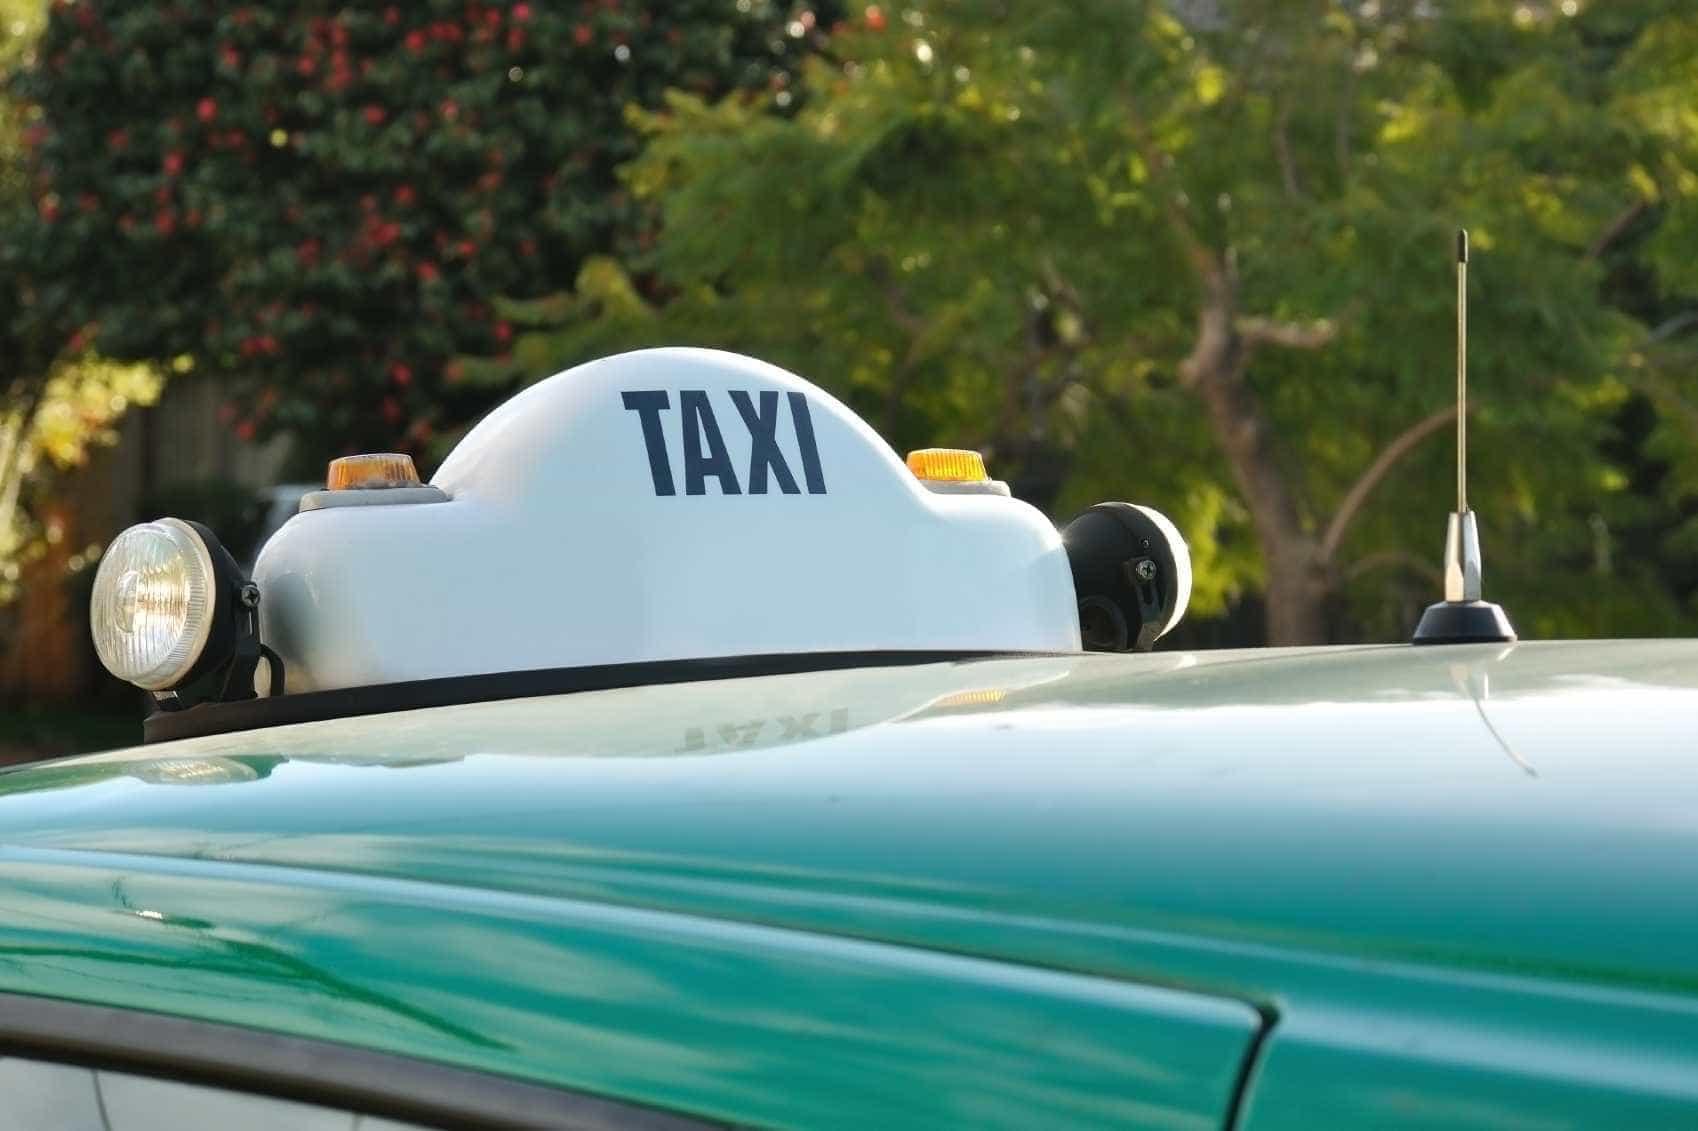 Taxista detido por cobrar 80 cêntimos a mais a cliente